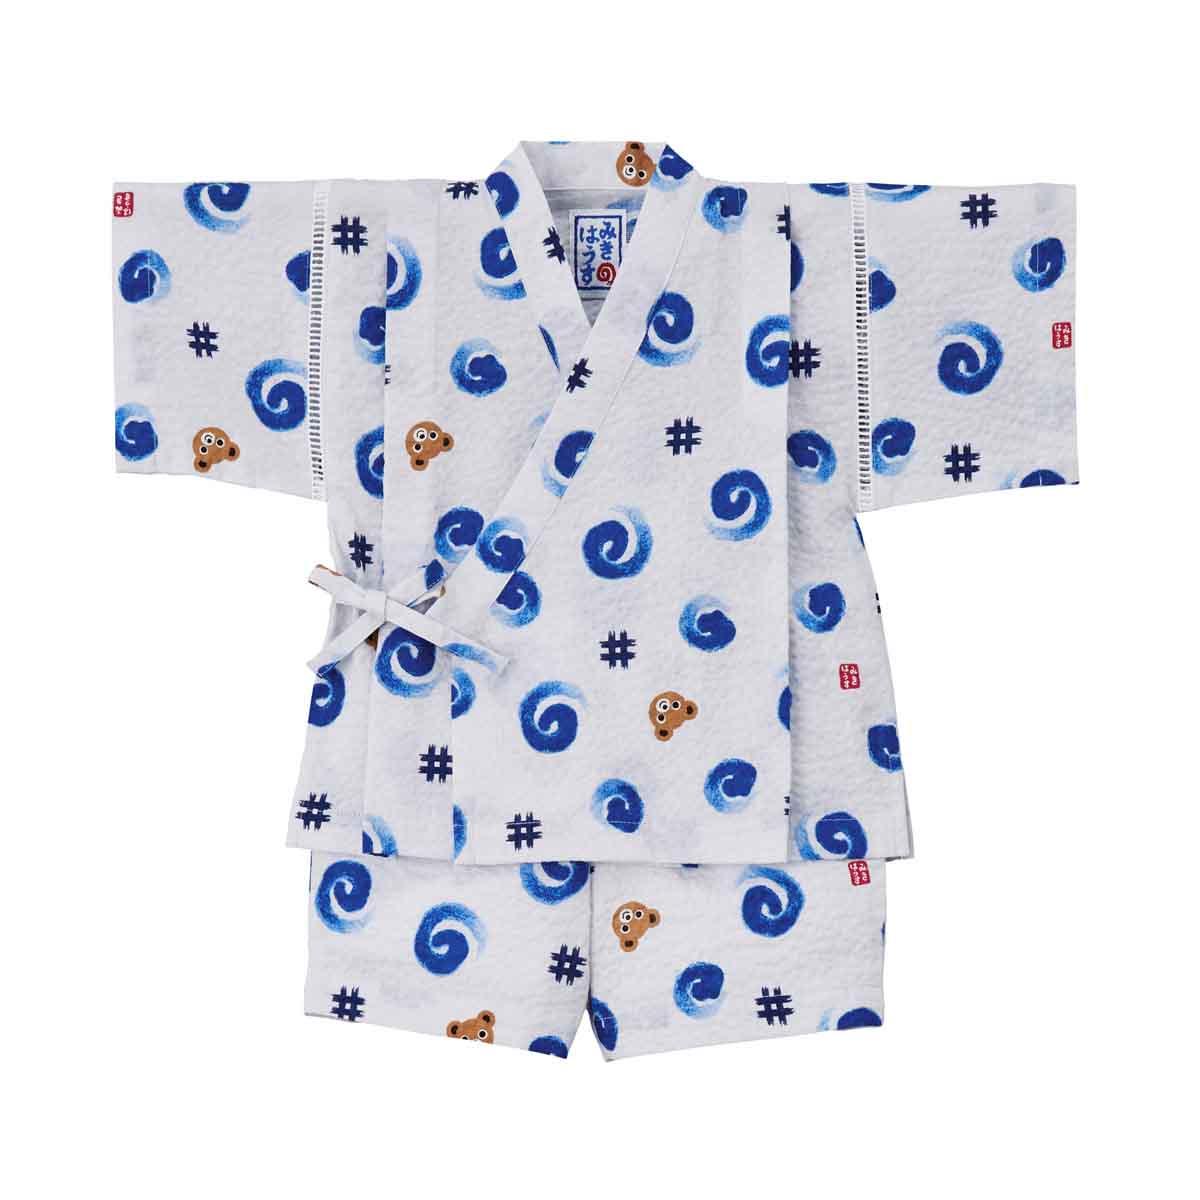 Mikihouse ハイクオリティ 浴衣 夏祭り 割引も実施中 日本製 サンクスプライス☆MIKIHOUSE ミキハウス うずまき和柄甚平スーツ:ミキハウス :90cm:12-7503-619 プッチー